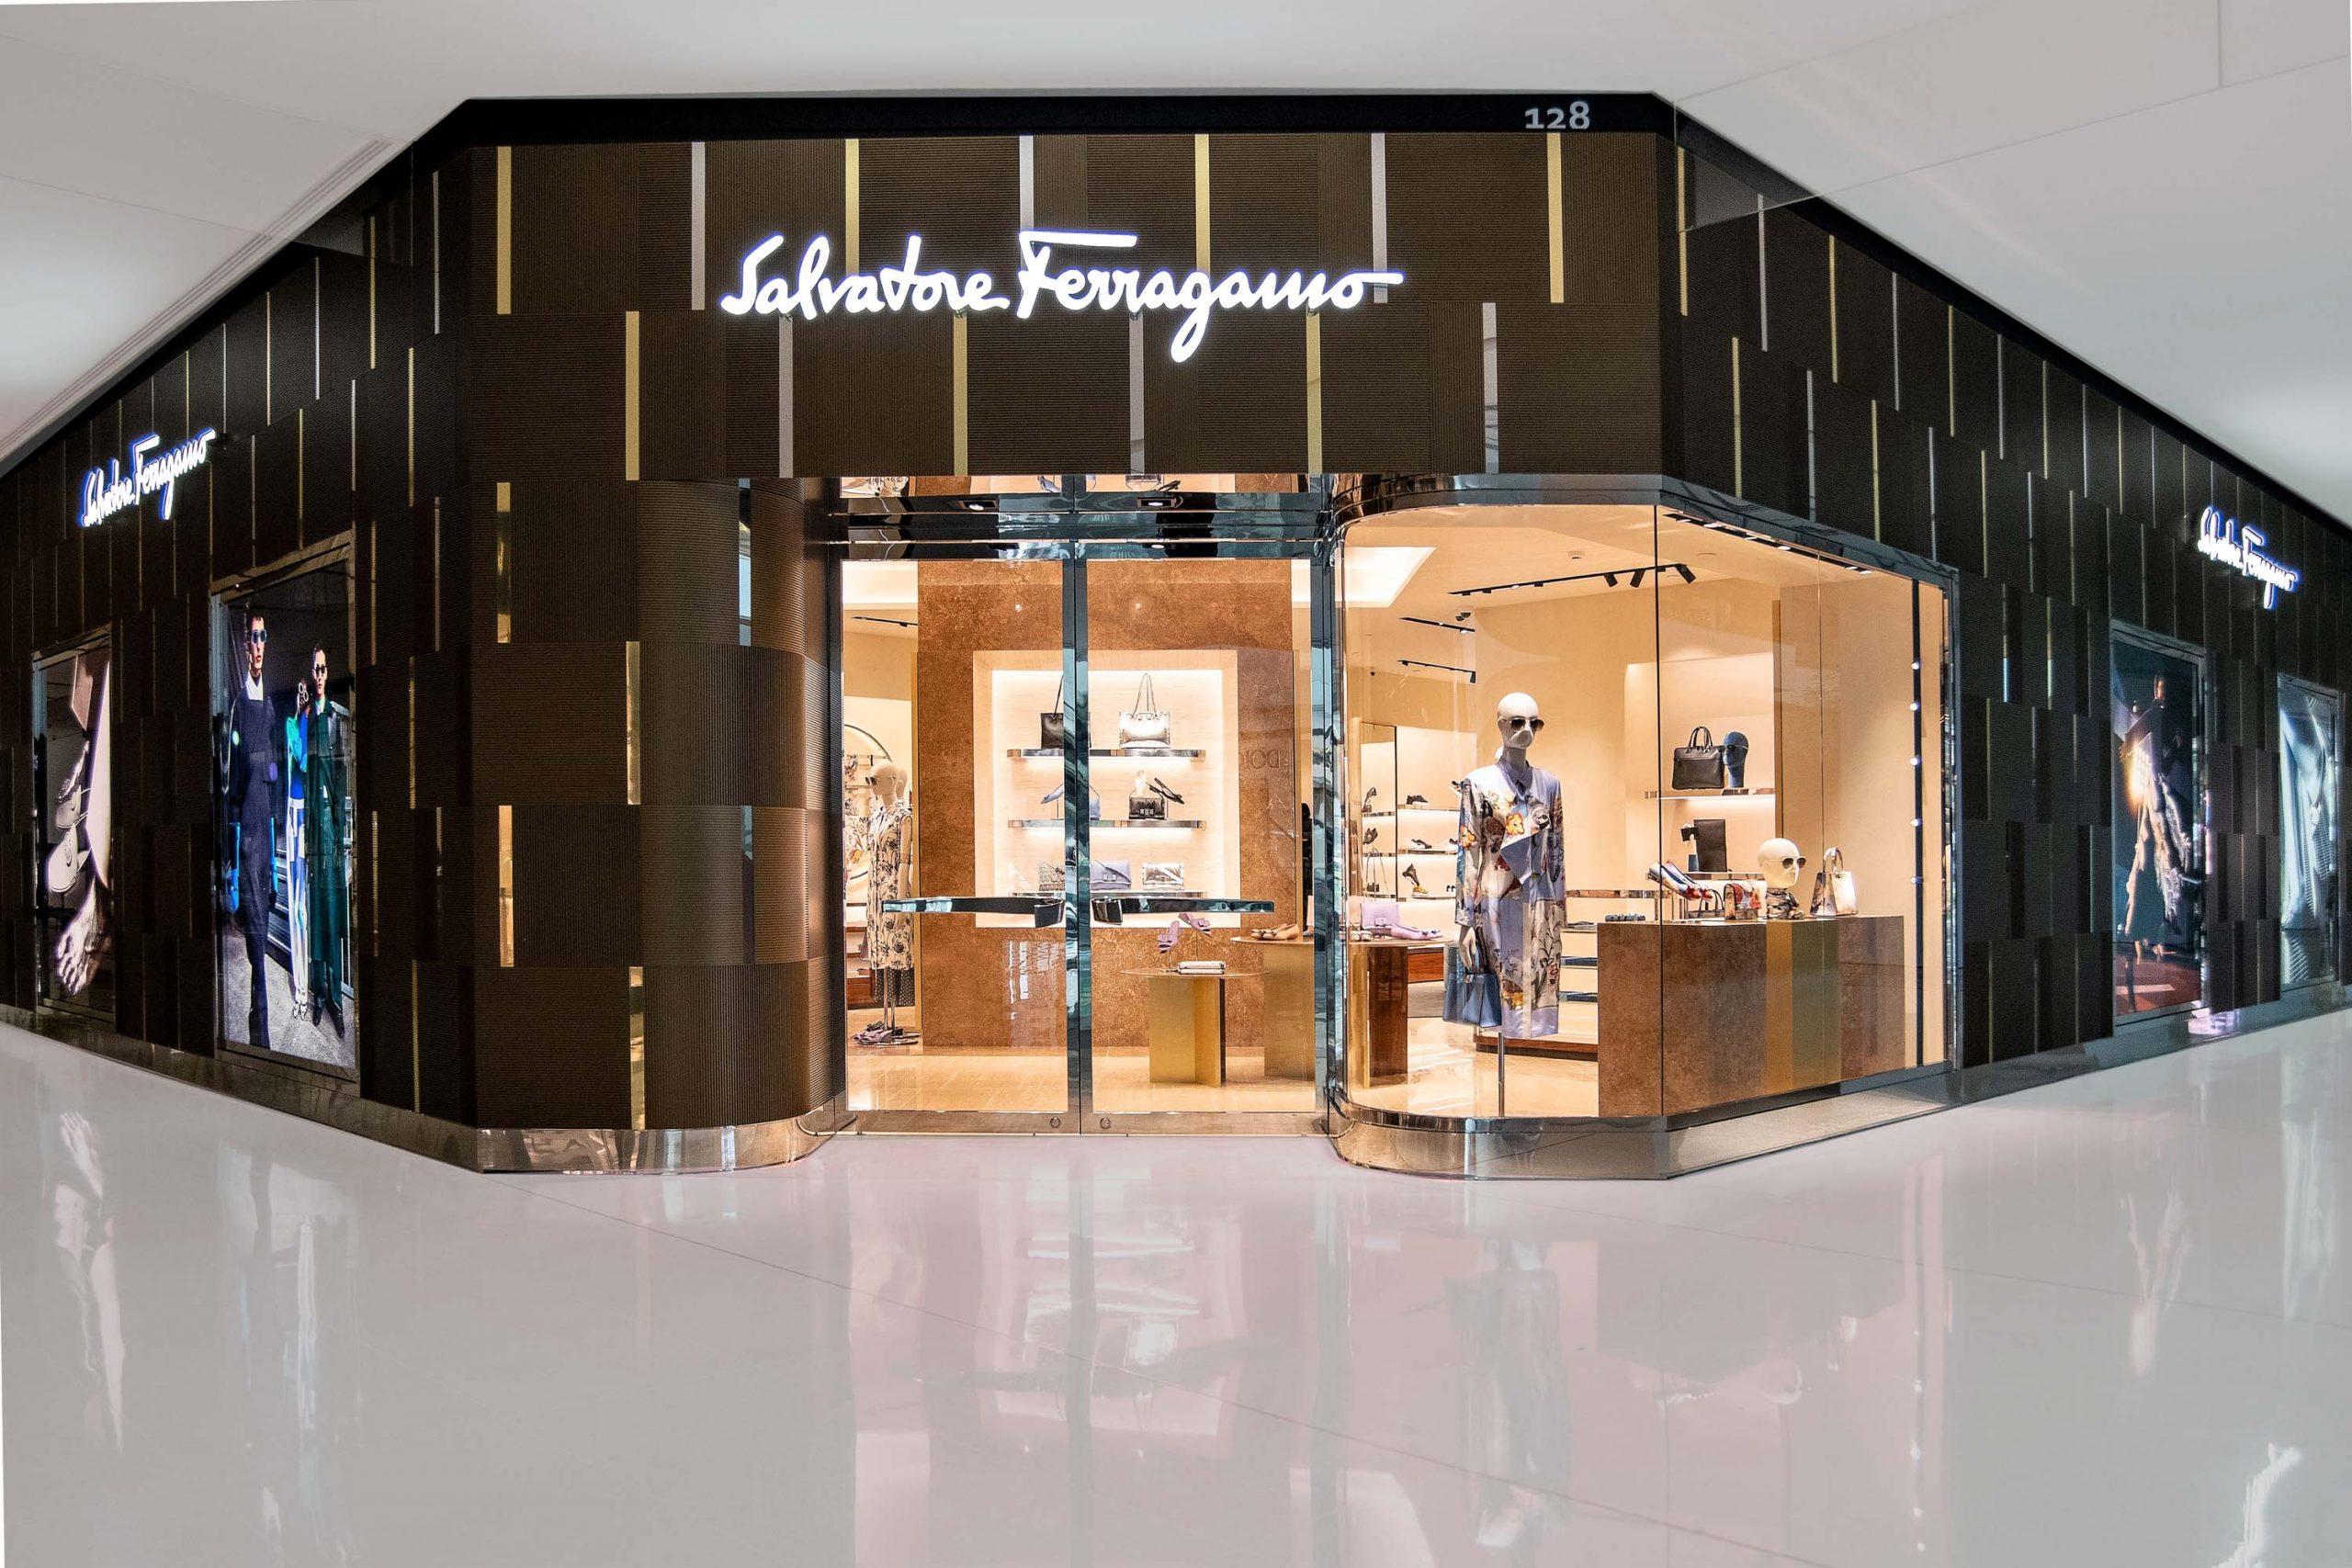 Salvatore Ferragamo abre mais duas lojas no Brasil e consolida sua presença em solo verde e amarelo